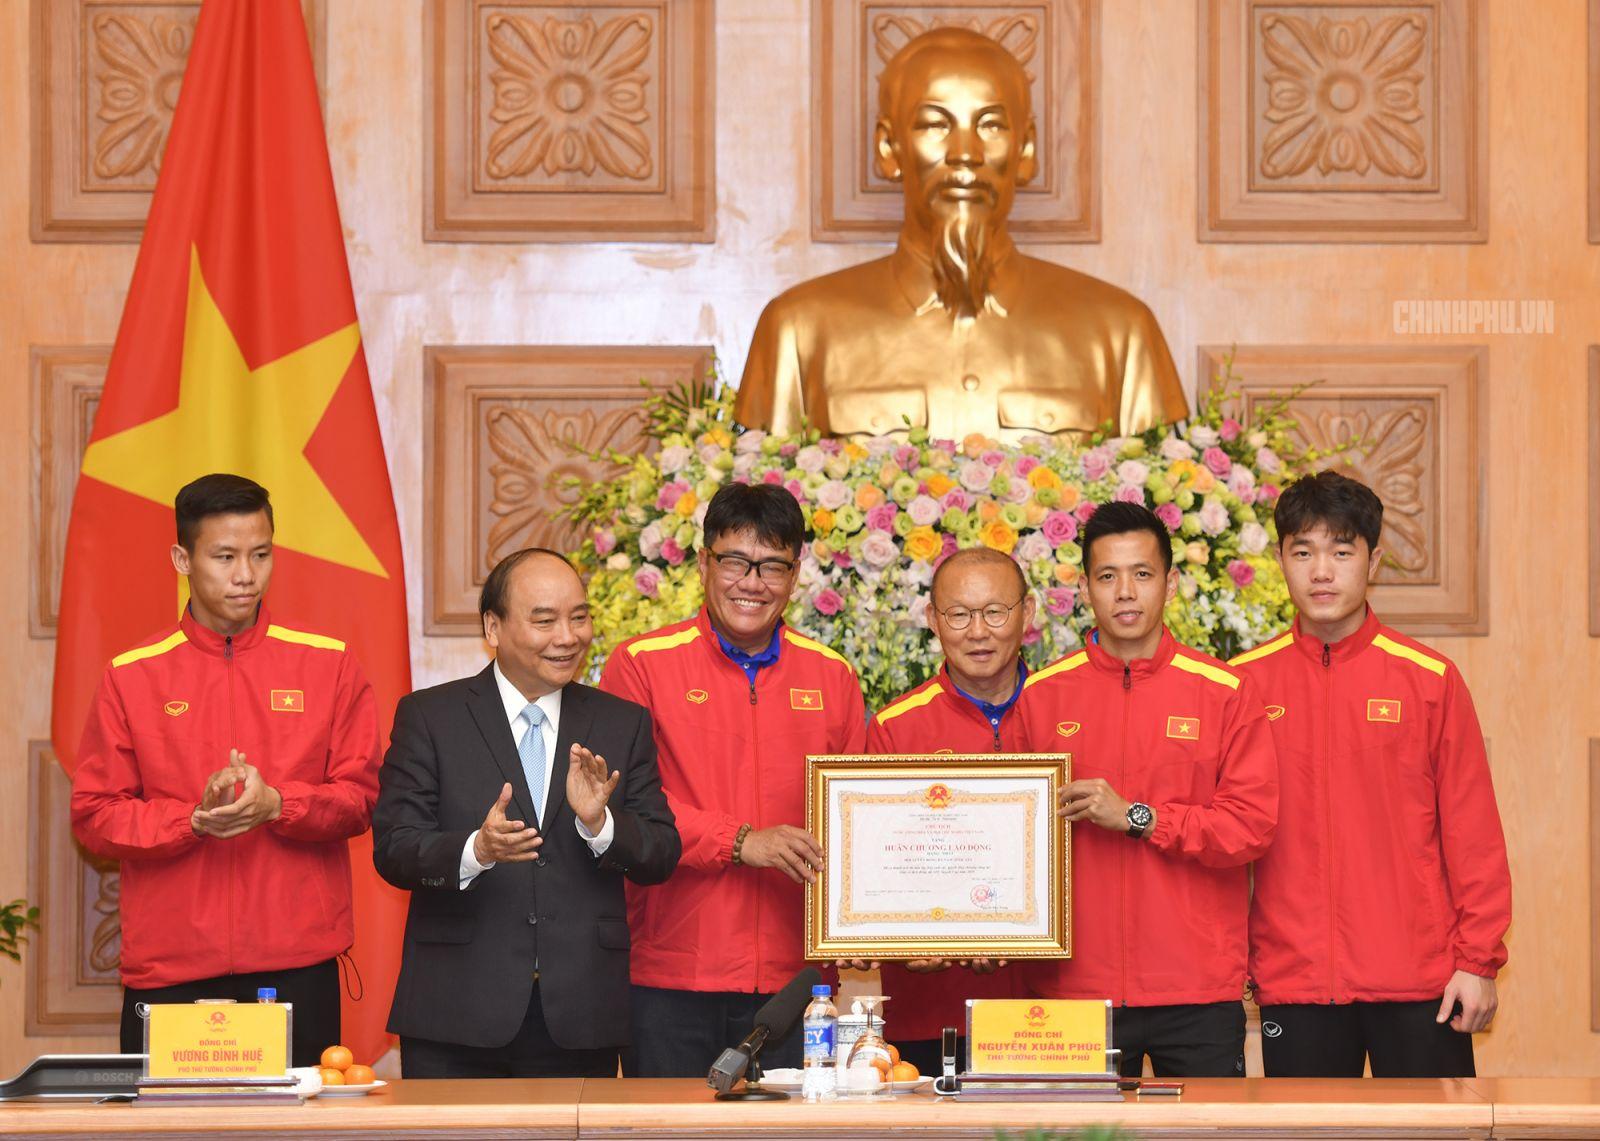 Thủ tướng Nguyễn Xuân Phúc trao Huân chương Lao động hạng Nhất cho Đội tuyển Việt Nam. Ảnh: Chinhphu.vn